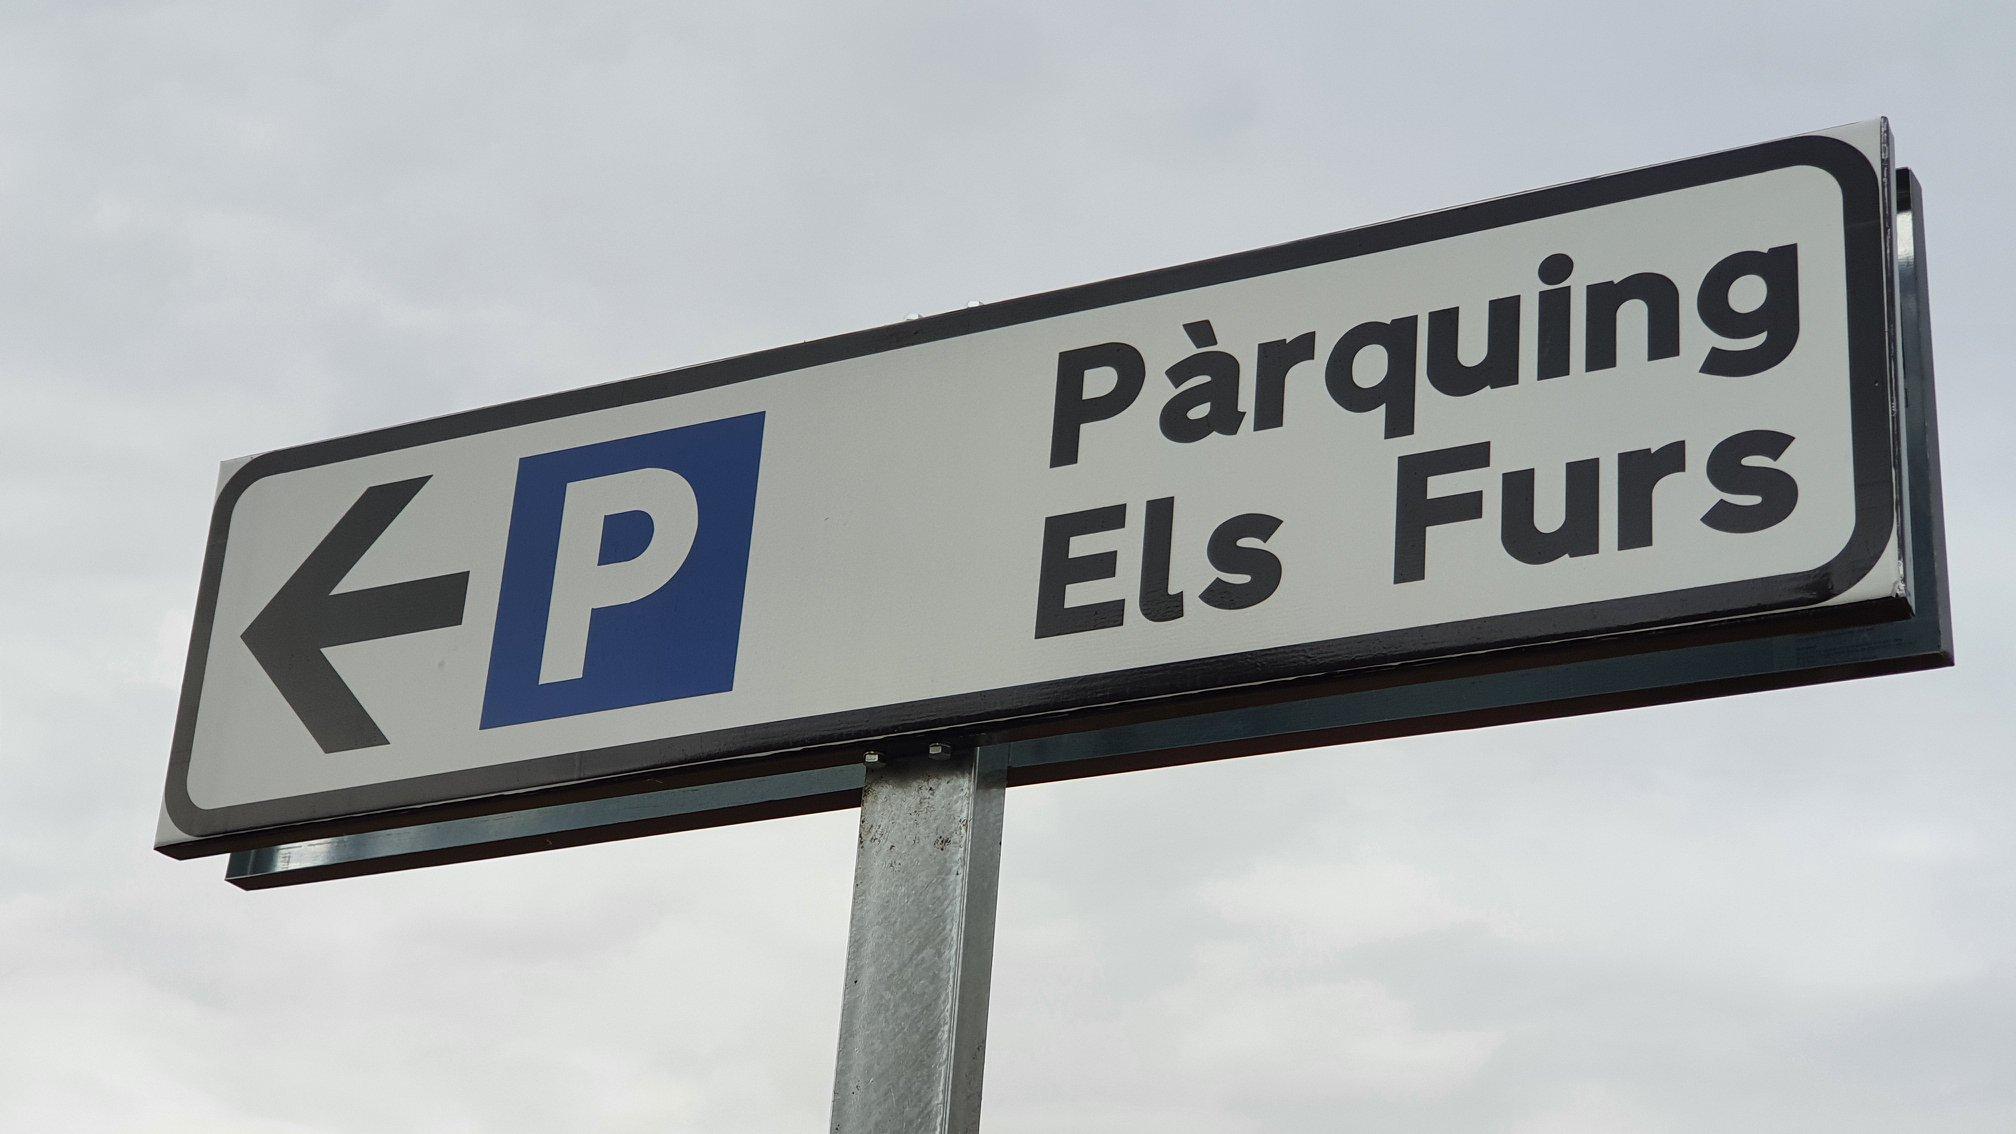 Nou aparcament Els Furs